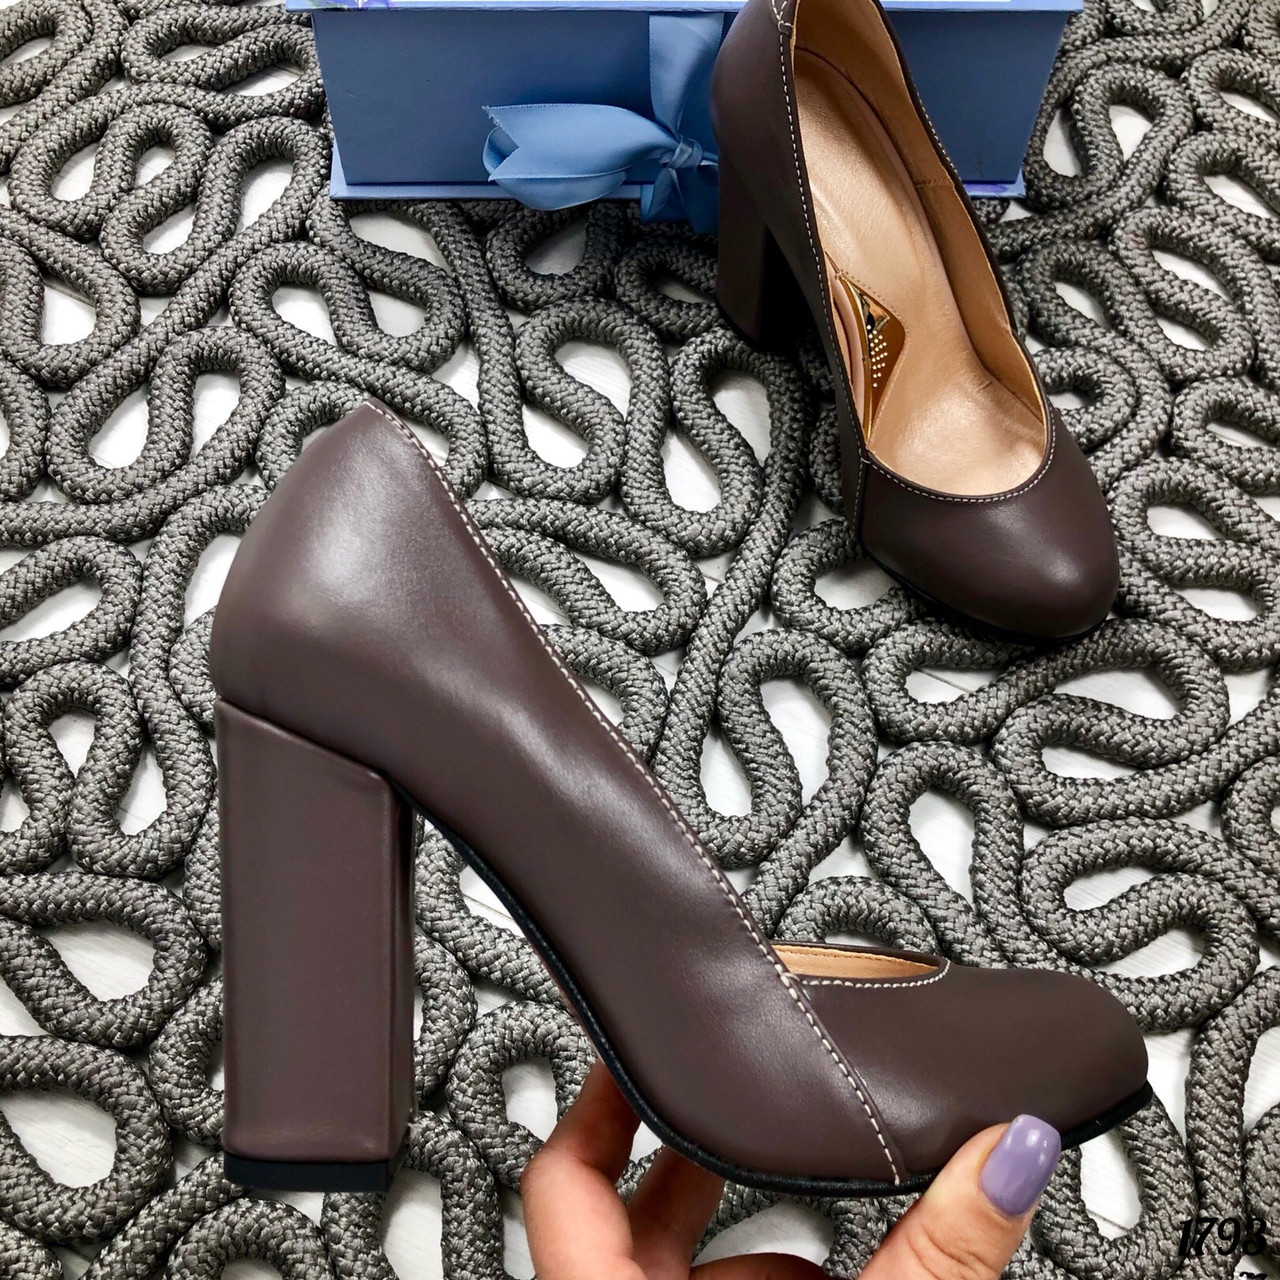 35 р. Туфли женские коричневые кожаные на высоком каблуке, из натуральной кожи, натуральная кожа